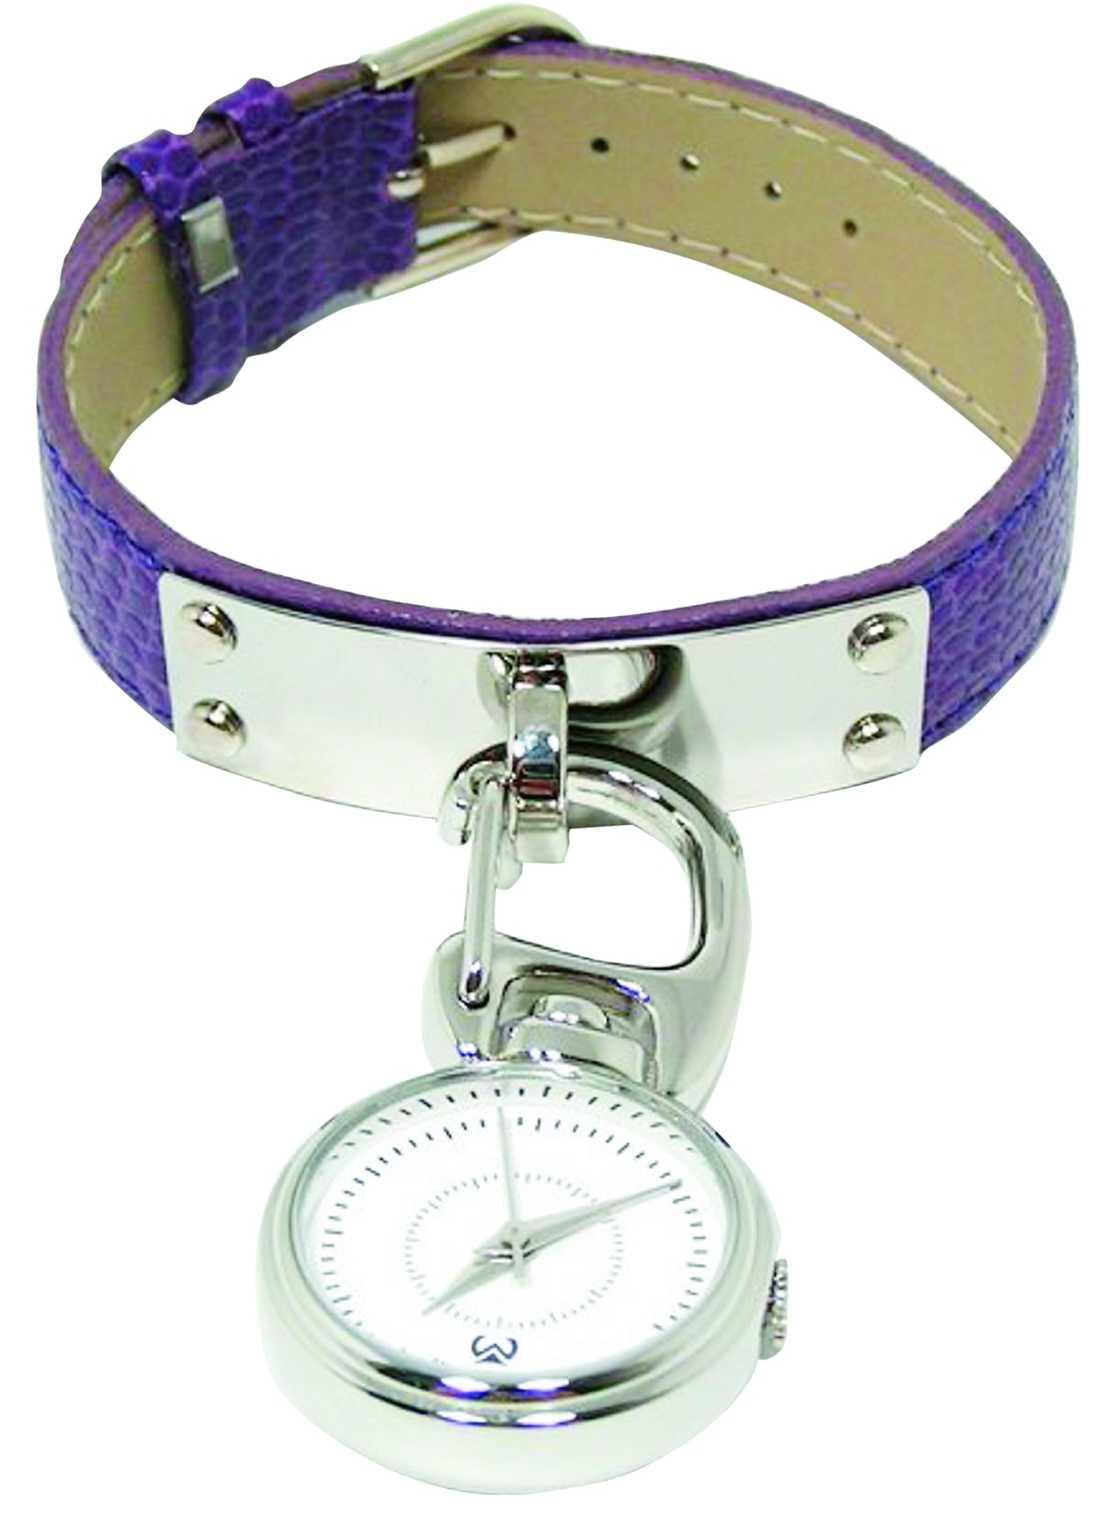 Håll tiden och stilen på samma gång. Klockan och armbandet finns på www.chique.se för 149 kronor.